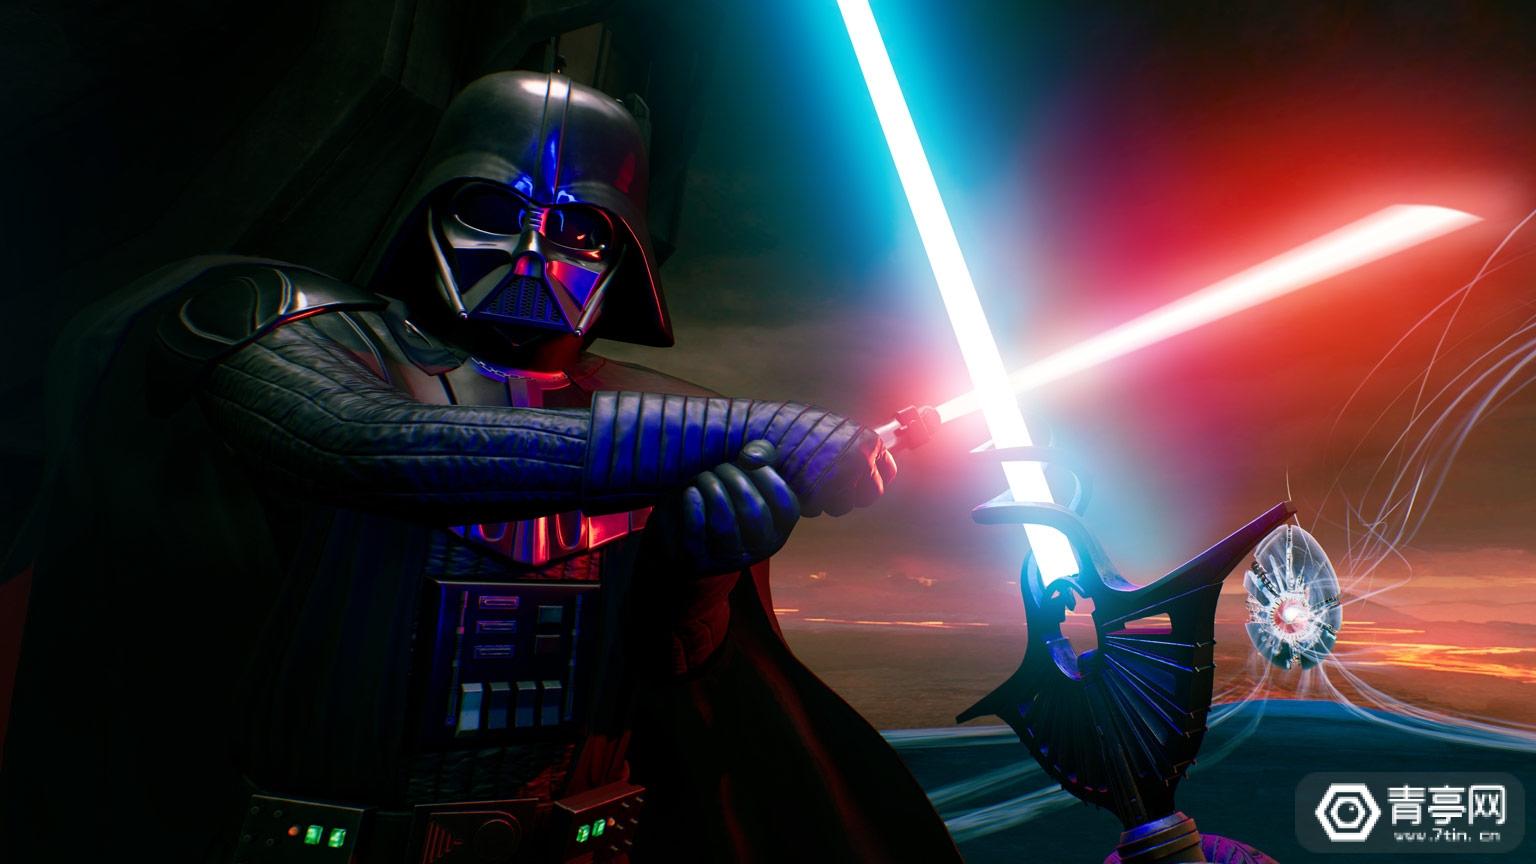 玩法更刺激,VR游戏《星球大战》第三章本月将上线